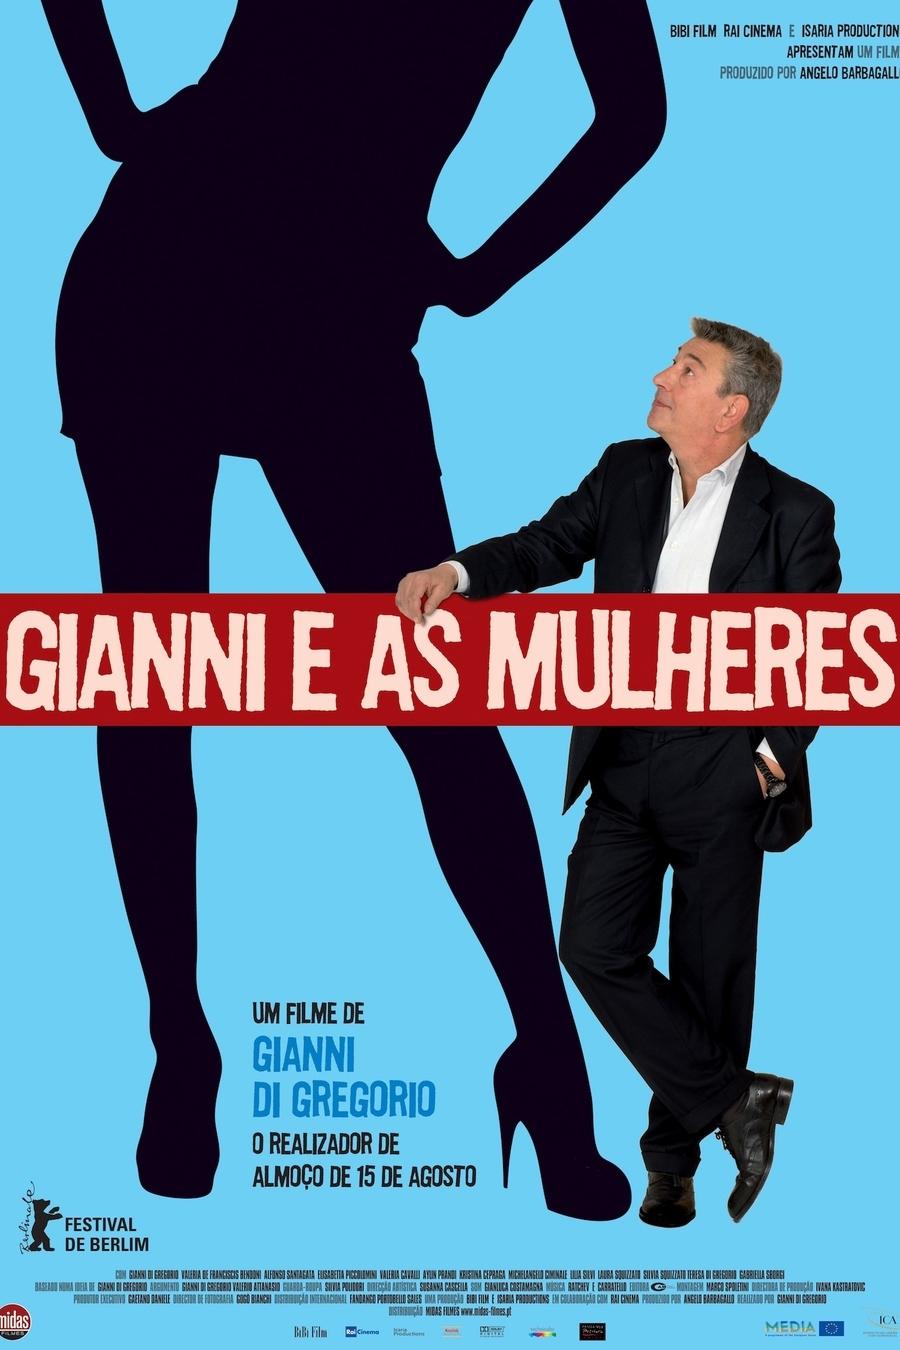 Gianni e as Mulheres